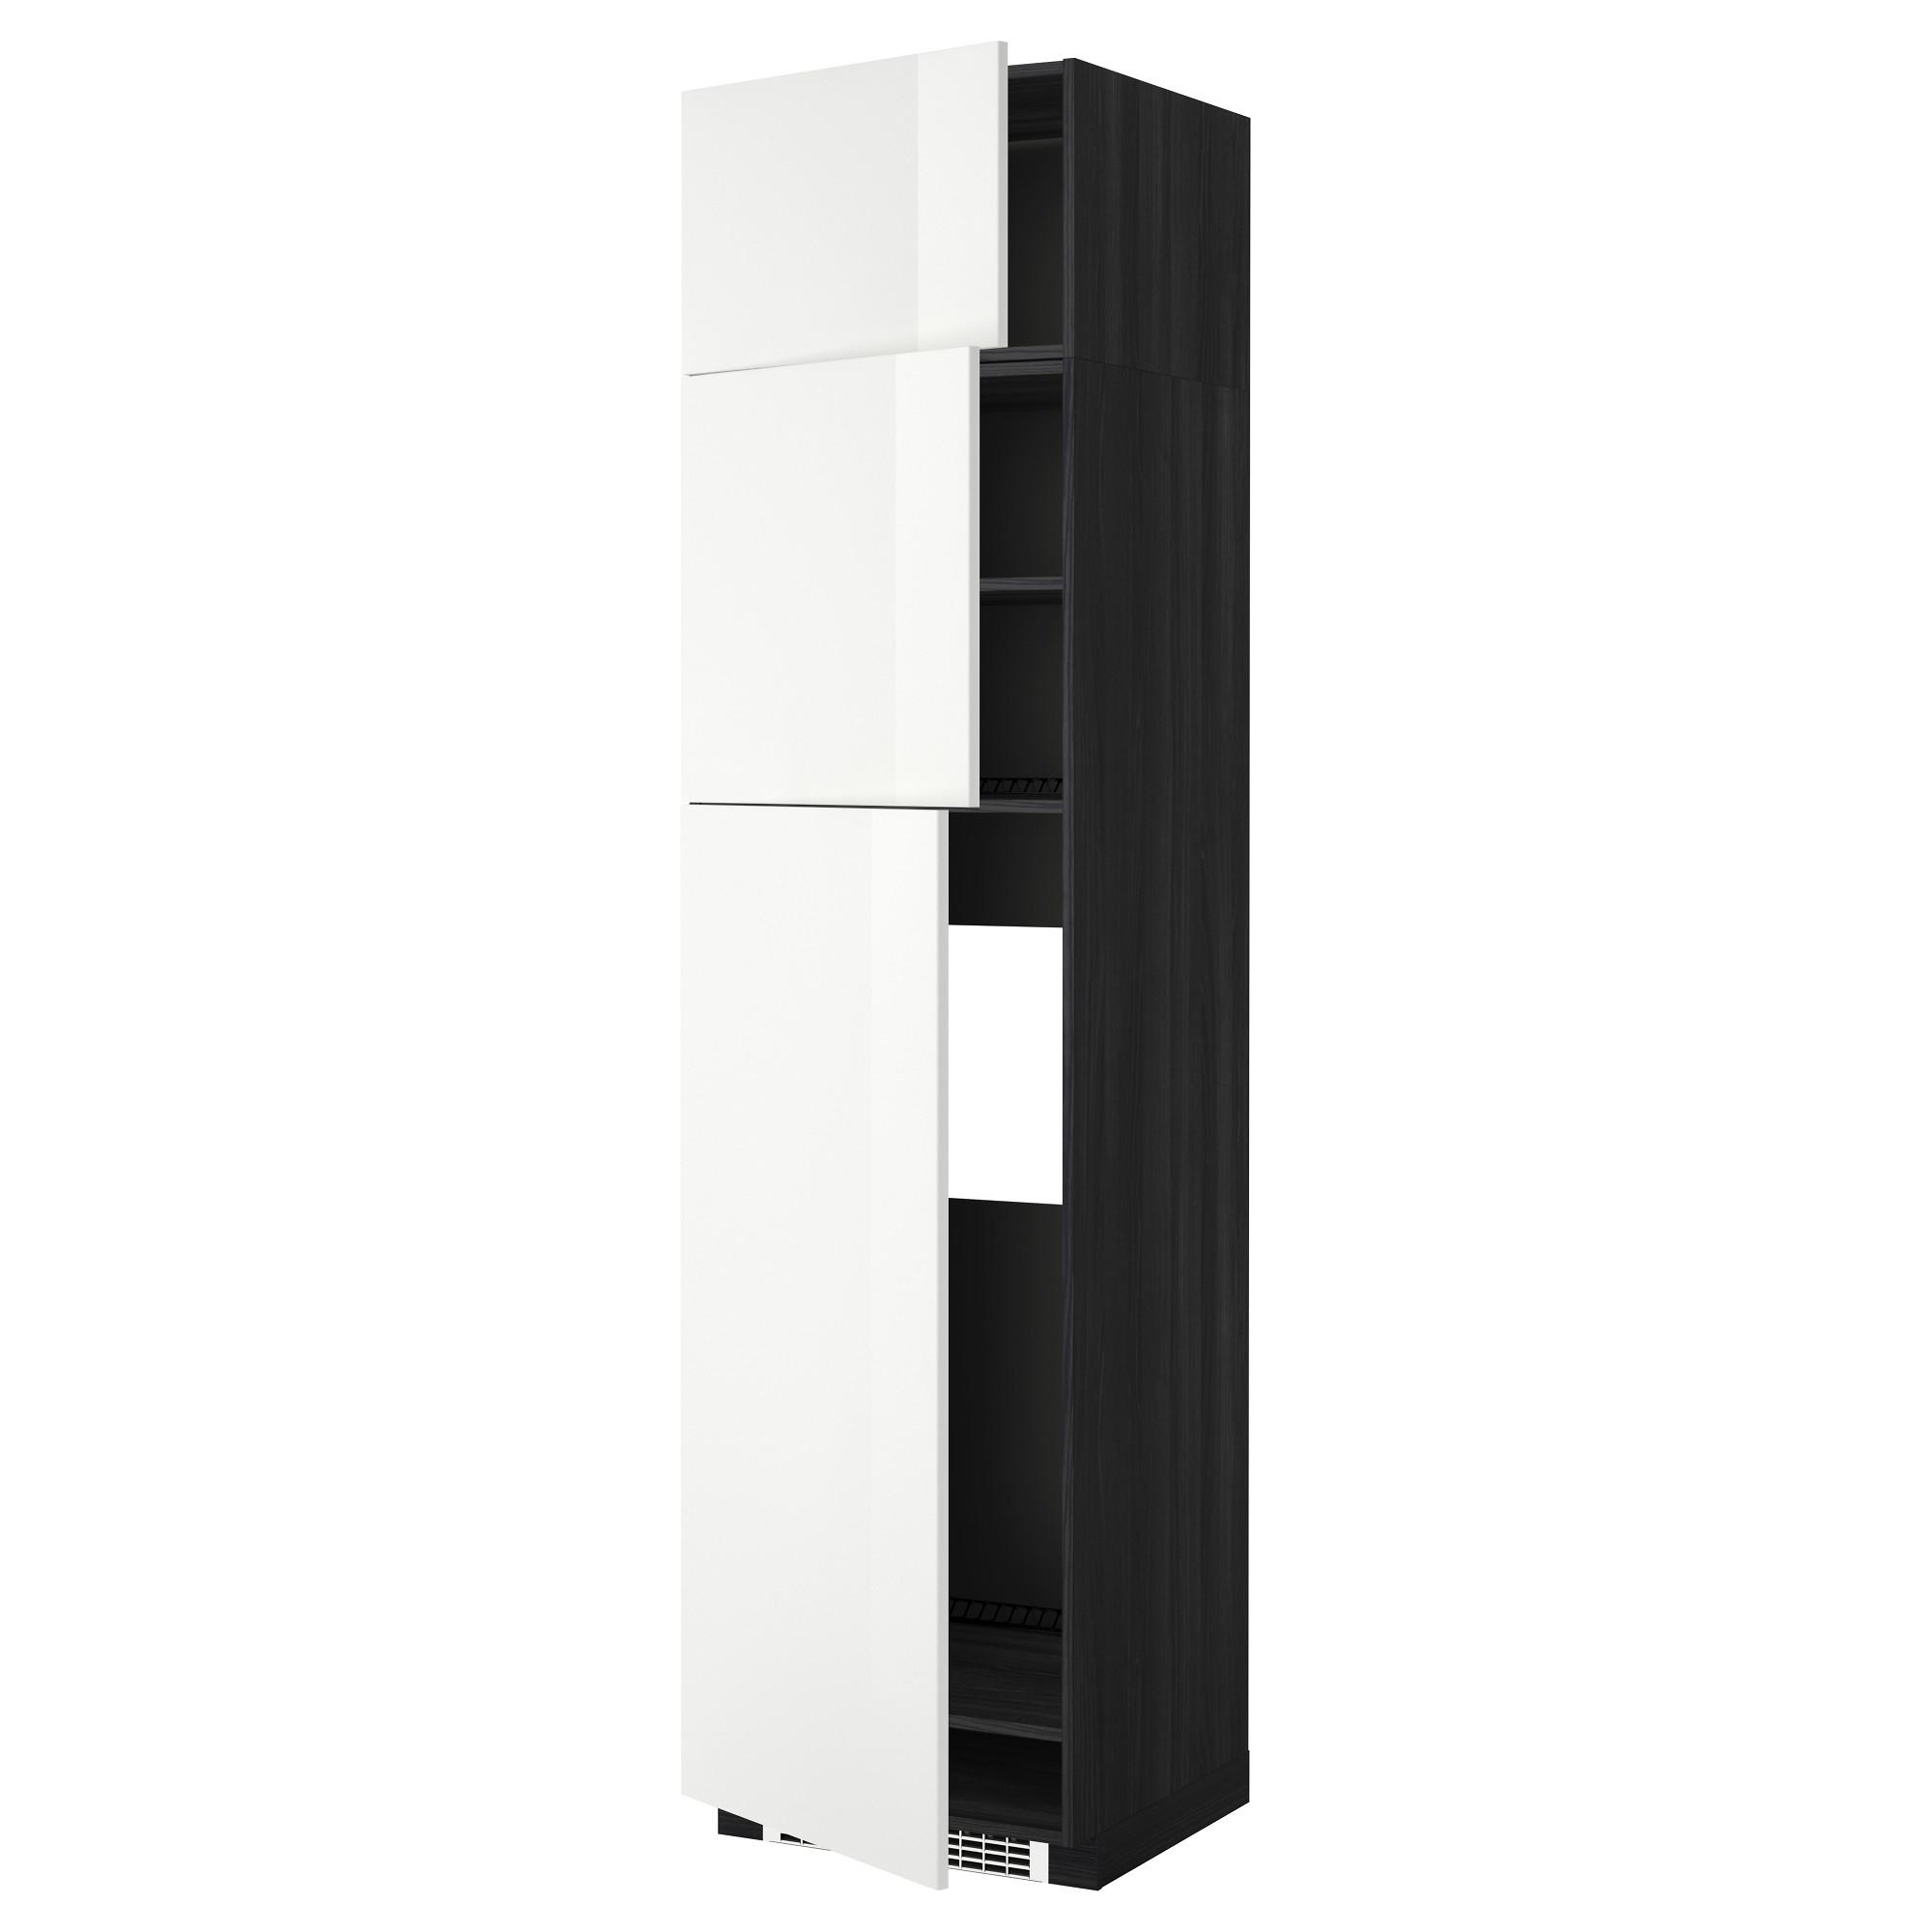 Высокий шкаф для холодильника, 3 дверцы МЕТОД черный артикуль № 692.331.20 в наличии. Онлайн магазин ИКЕА Республика Беларусь. Недорогая доставка и соборка.